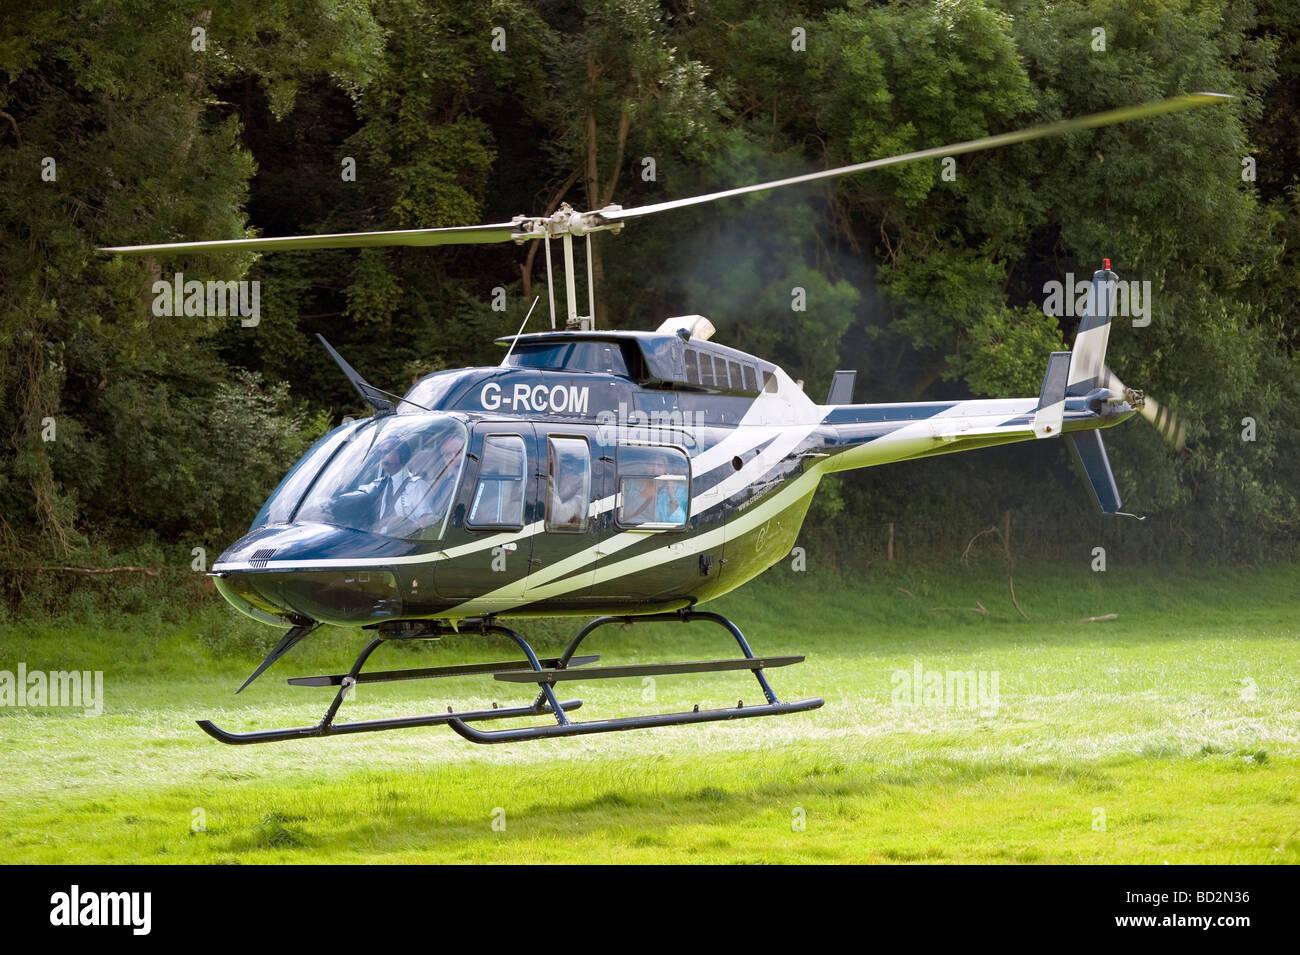 Helicóptero despegaba en Herefordshire Country Fair, Reino Unido. Helicóptero despegar o aterrizar en Imagen De Stock